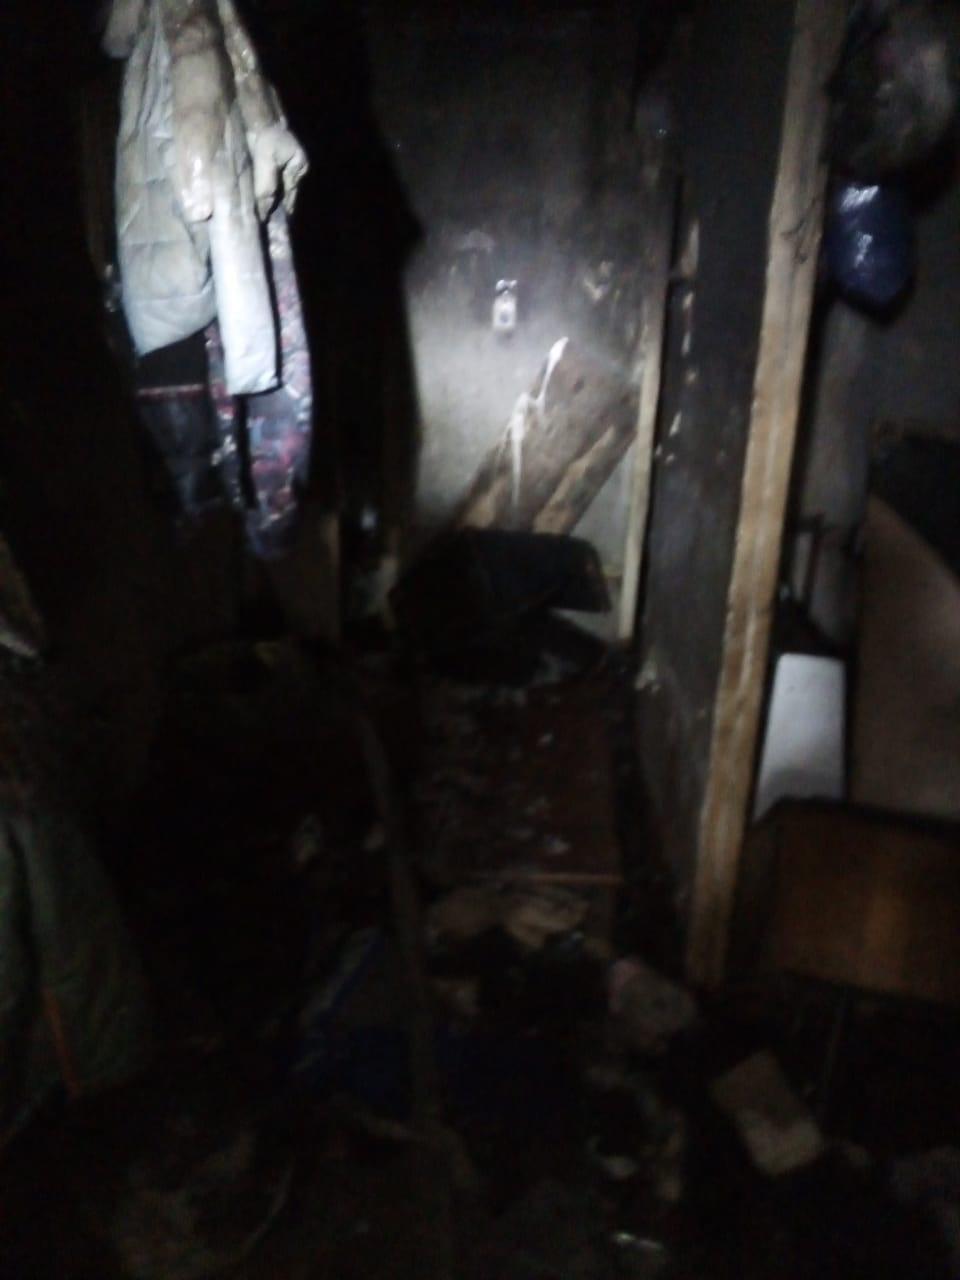 Квартира выгорела и закоптилась